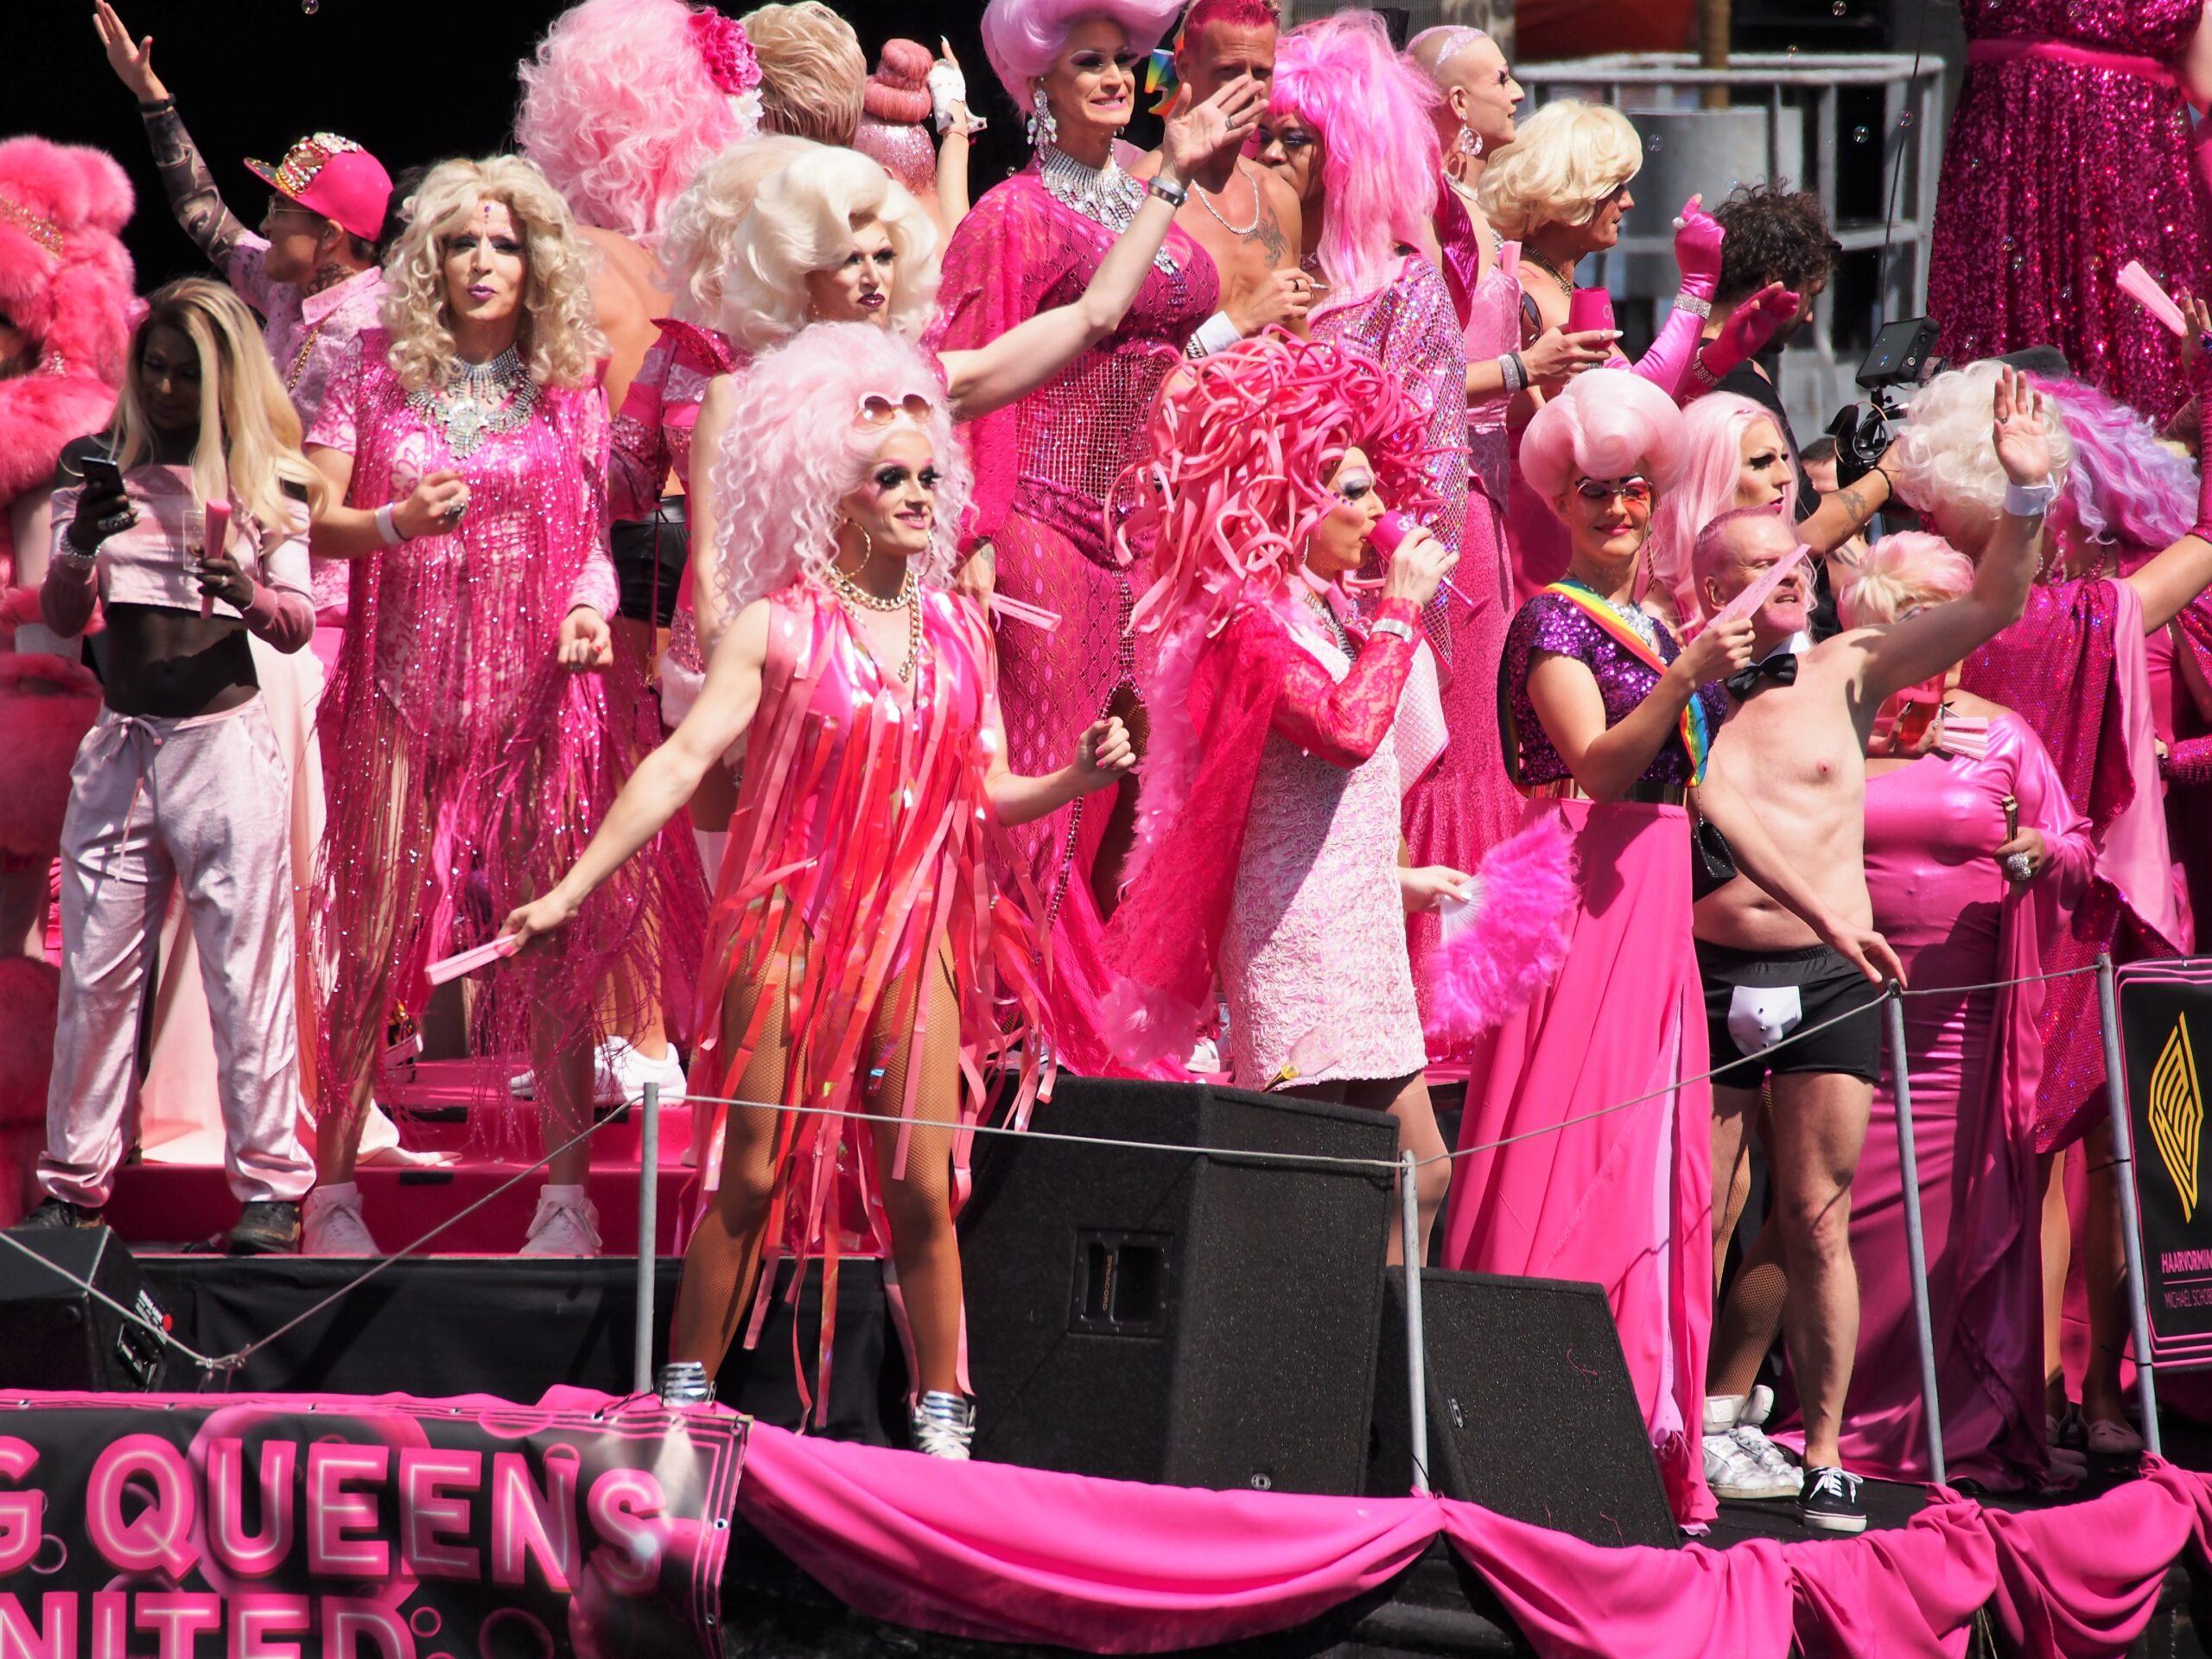 Mondo nascosto drag queen musica